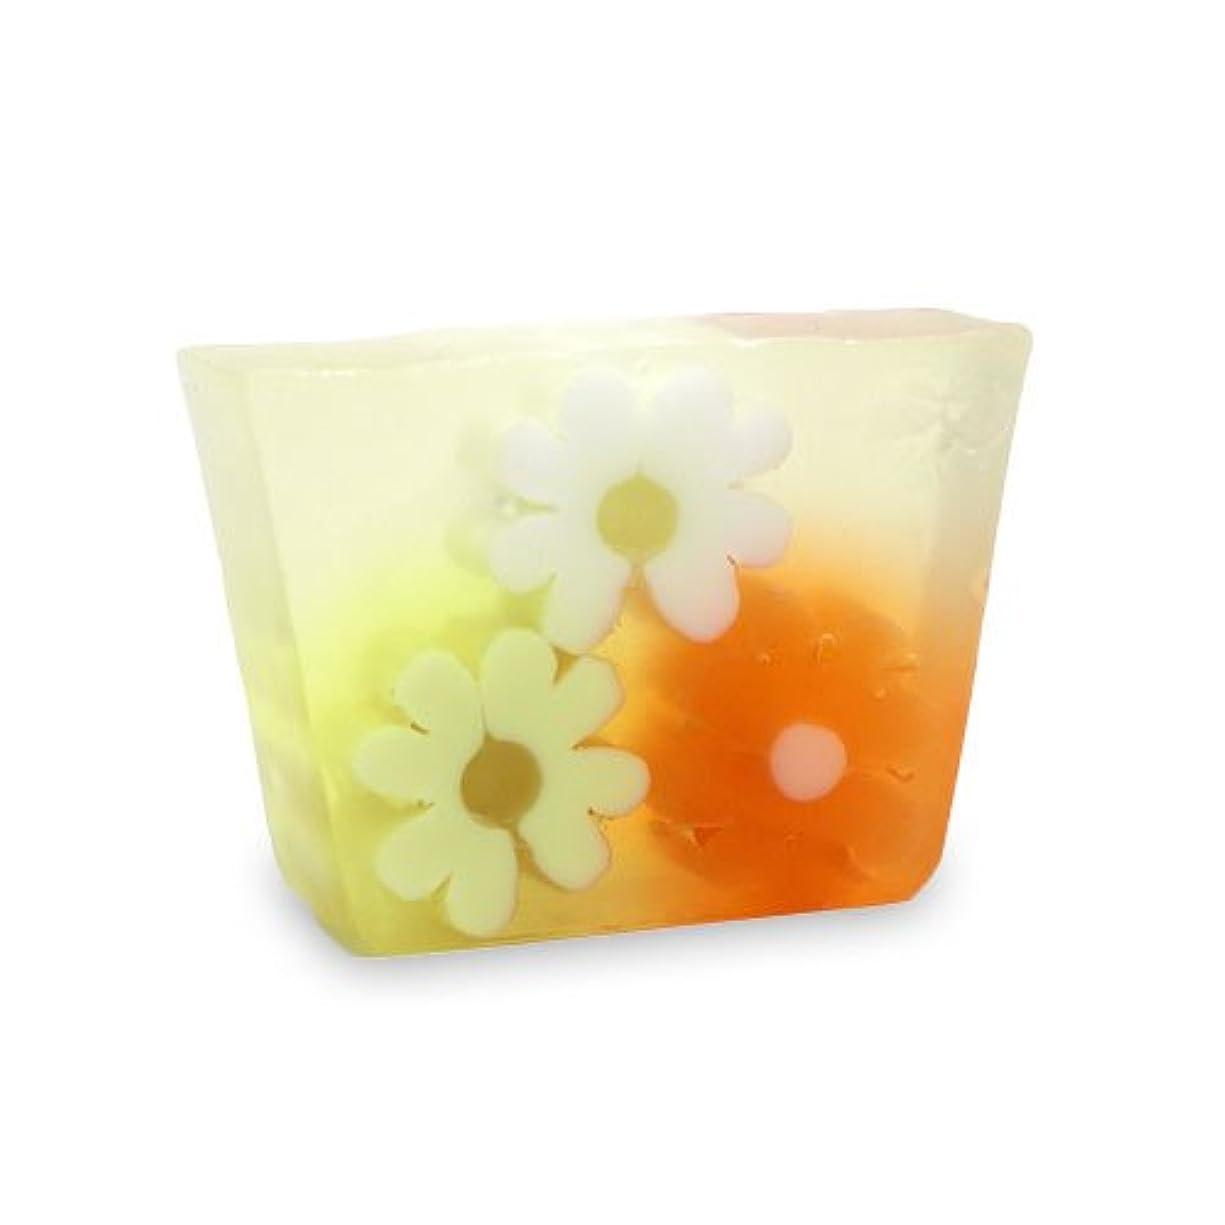 才能代名詞マンモスプライモールエレメンツ アロマティック ミニソープ オレンジフラワーショップ 80g 植物性 ナチュラル 石鹸 無添加